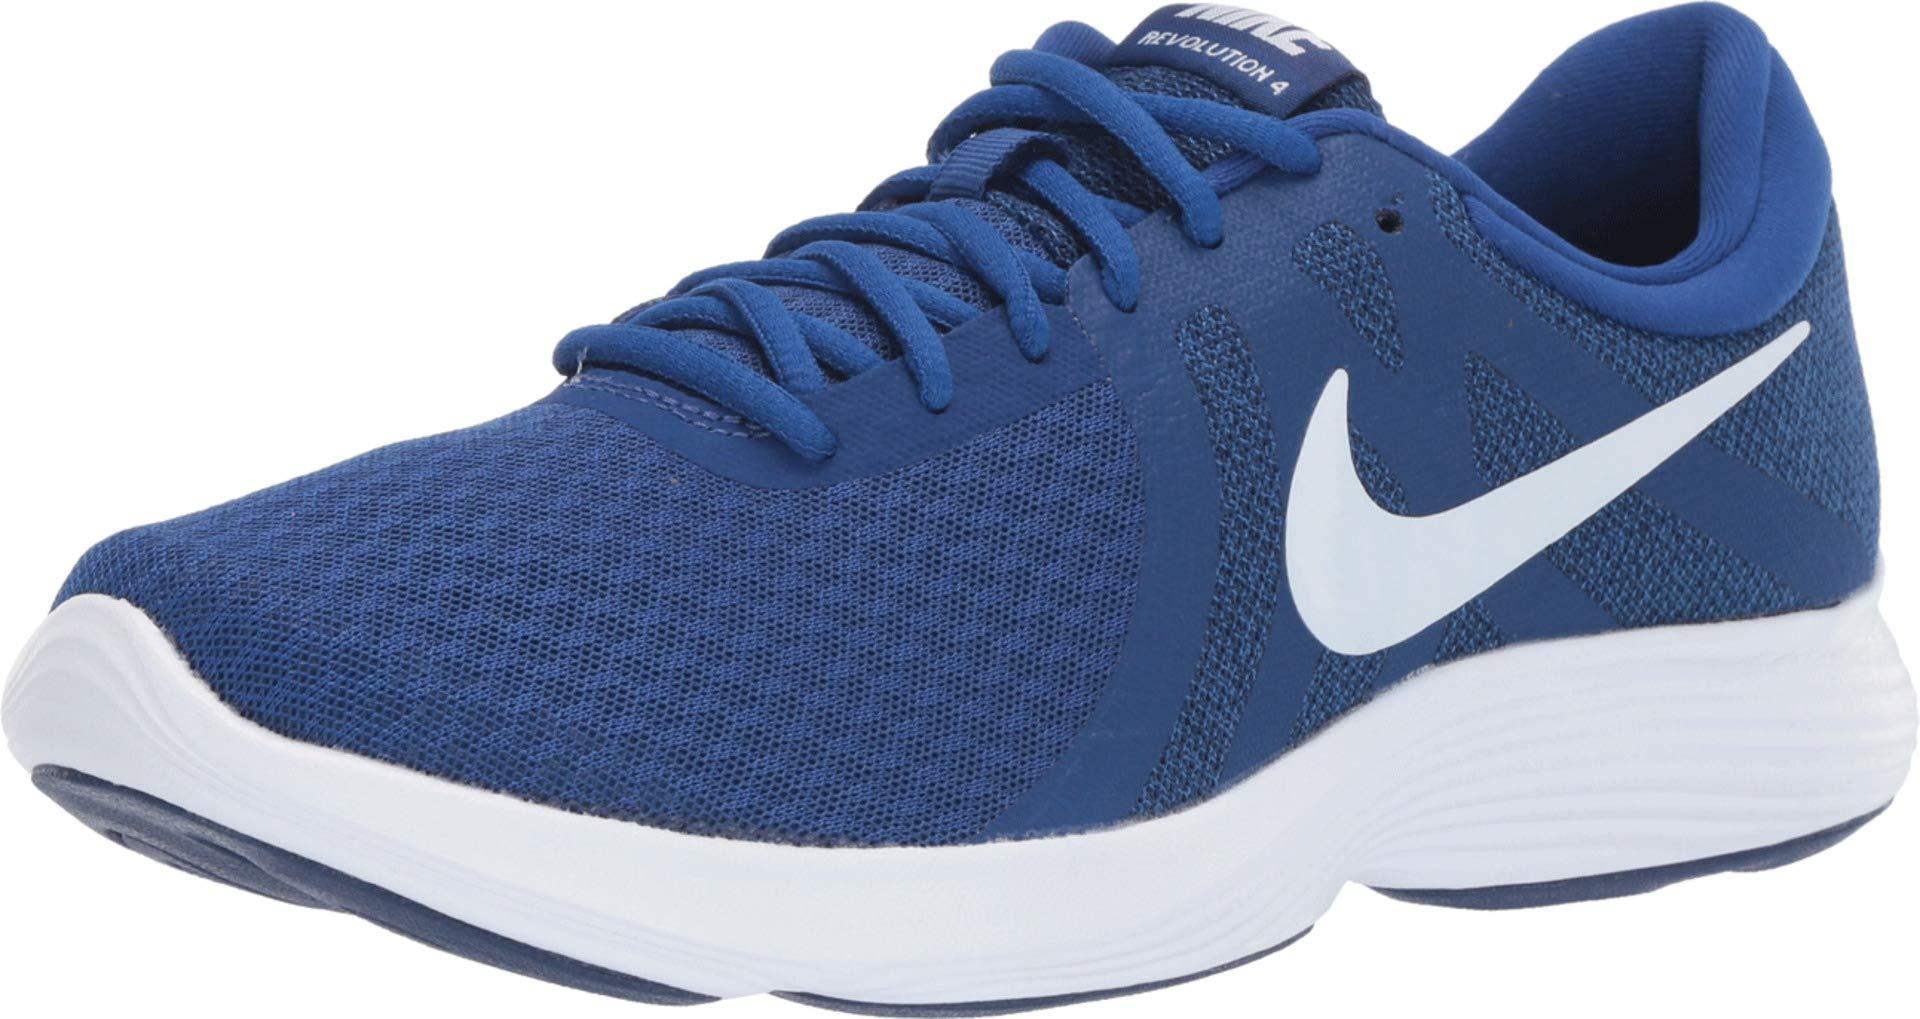 Nike Men's Revolution 4 Sneaker, Indigo Force/White-Blue Void, 6.5 Regular US